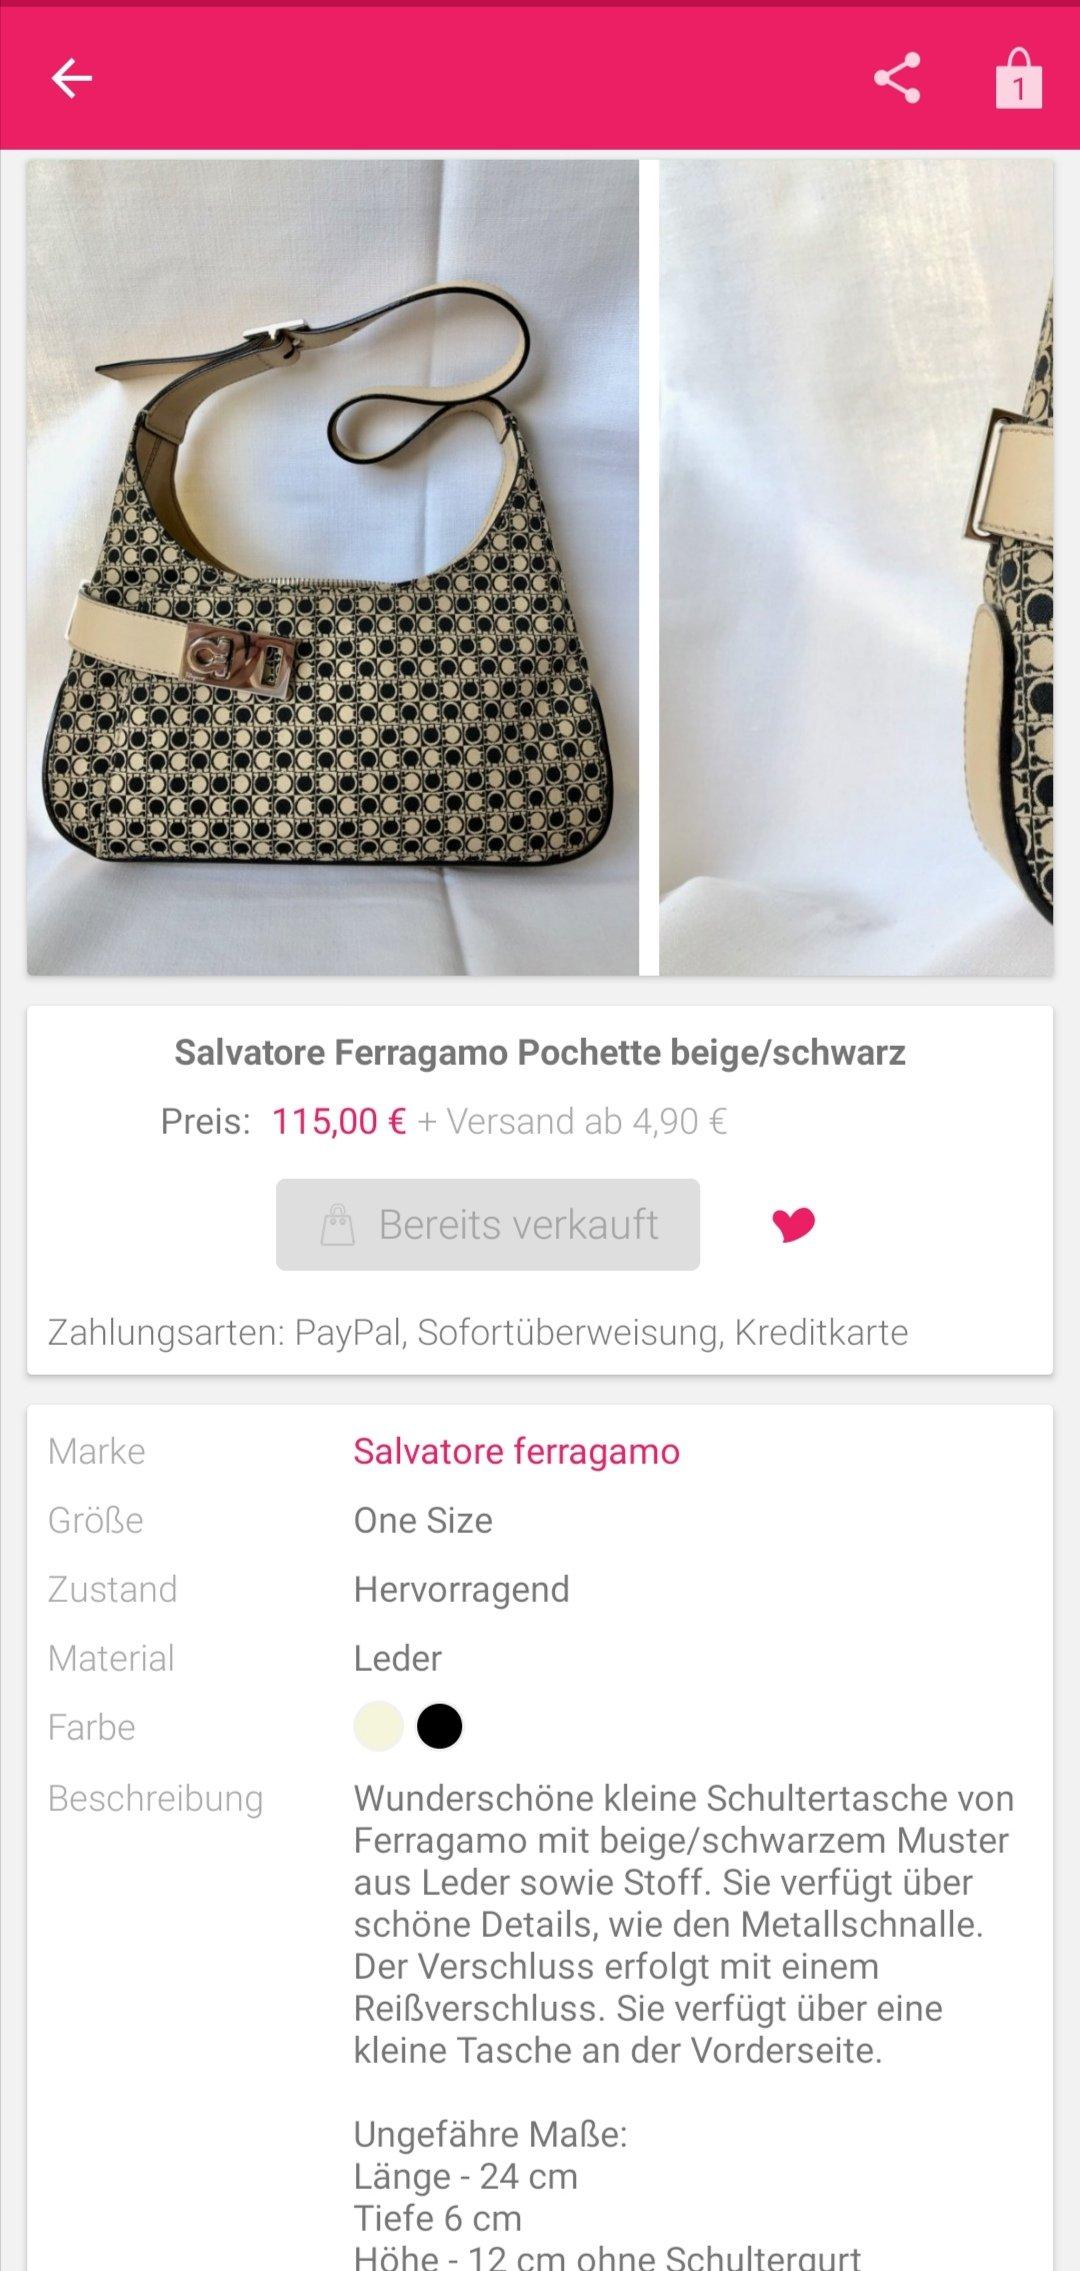 推荐欧洲二手市场App — Mädchenflohmarkt